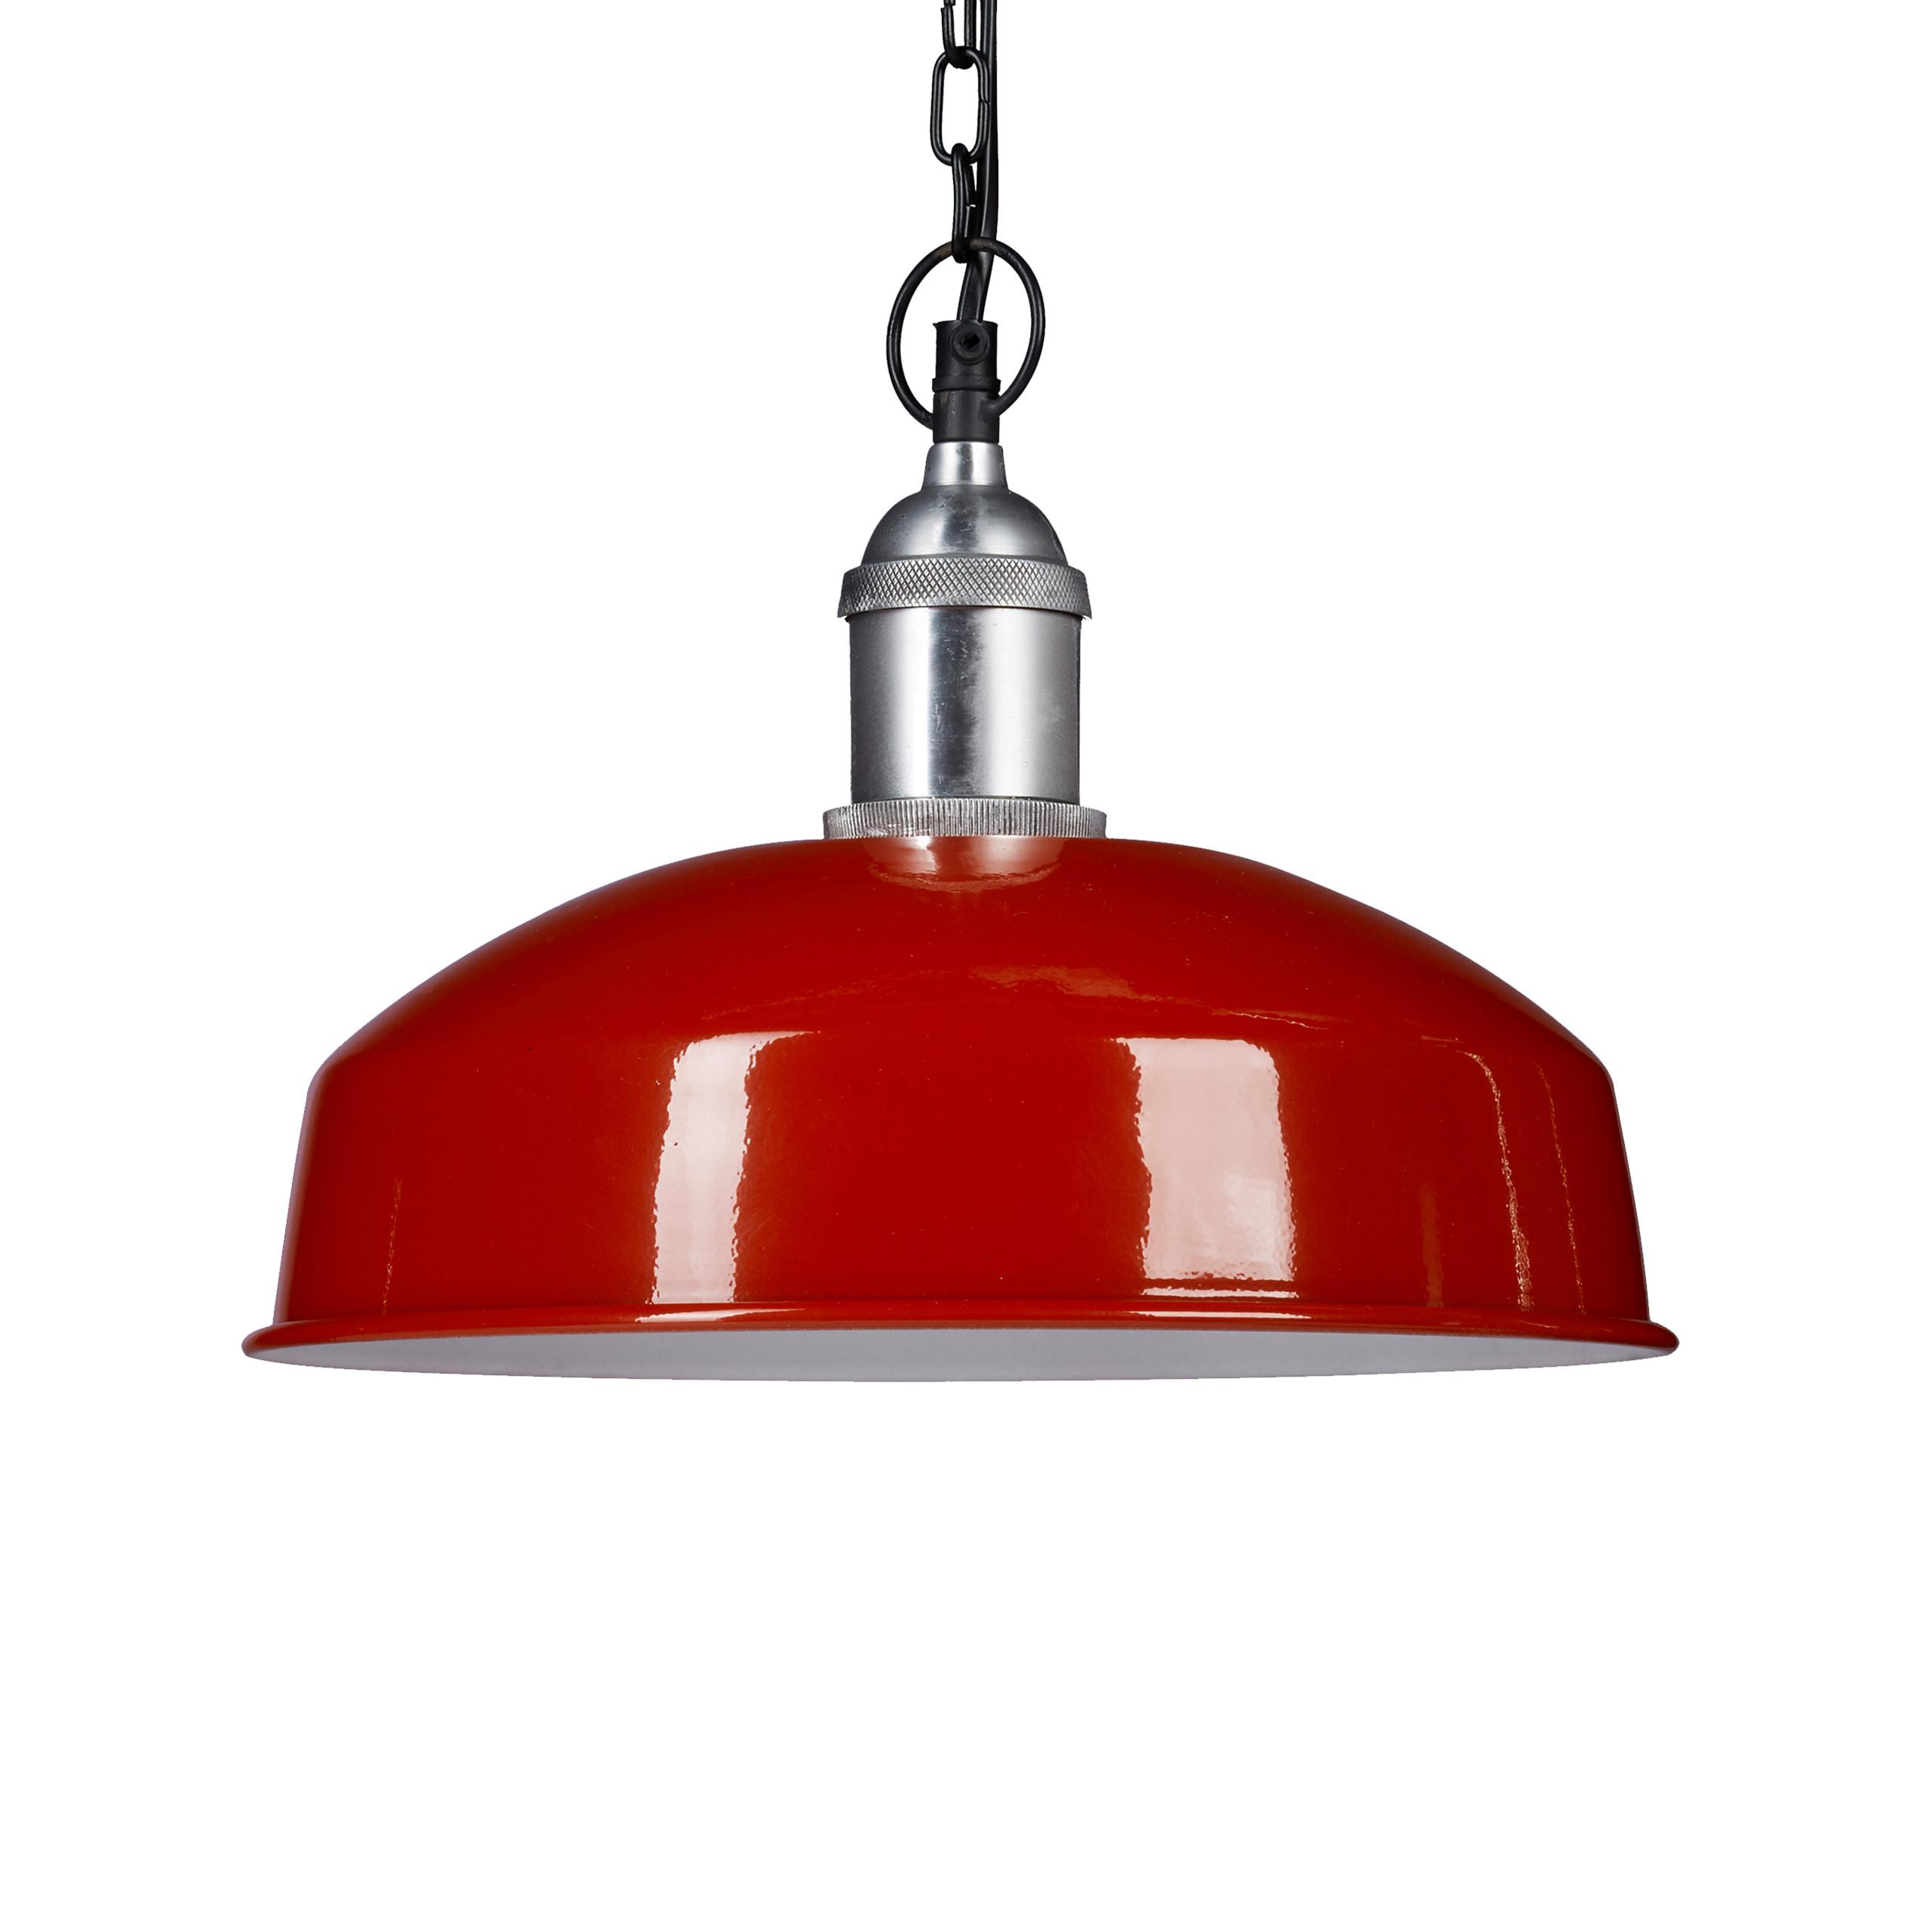 Lampe-a-suspension-en-fer-avec-chaine-luminaire-de-plafond-moderne